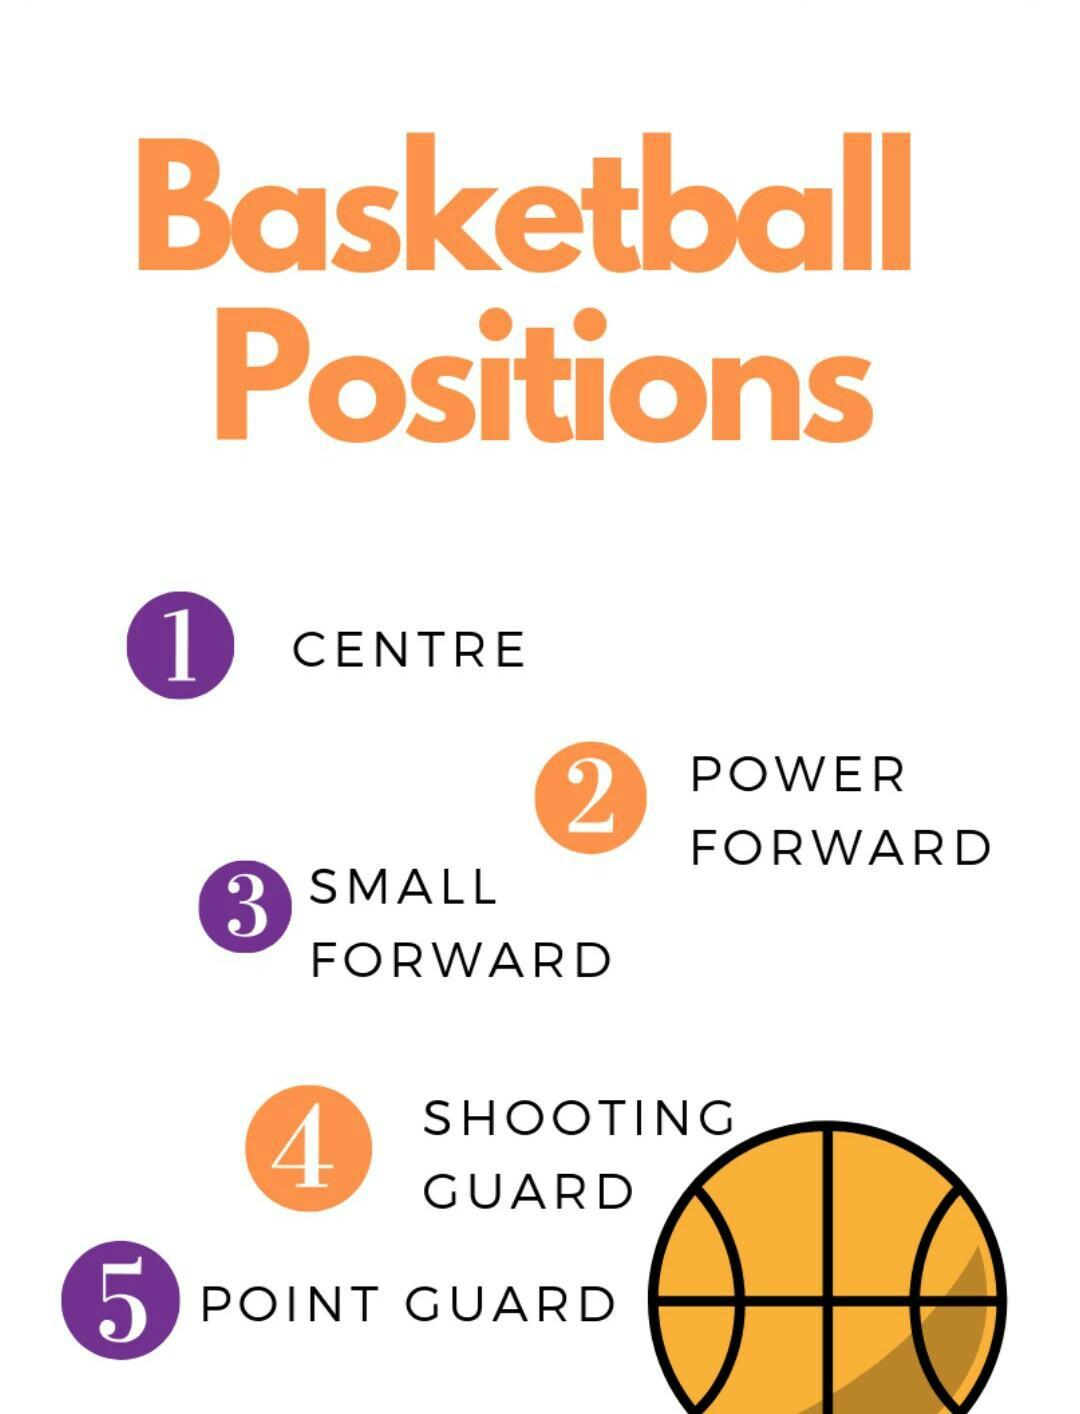 Pemain Belakang Dalam Permainan Bola Basket Disebut : pemain, belakang, dalam, permainan, basket, disebut, Sebutkan, Posisi, Dalam, Permainan, Basket, Brainly.co.id